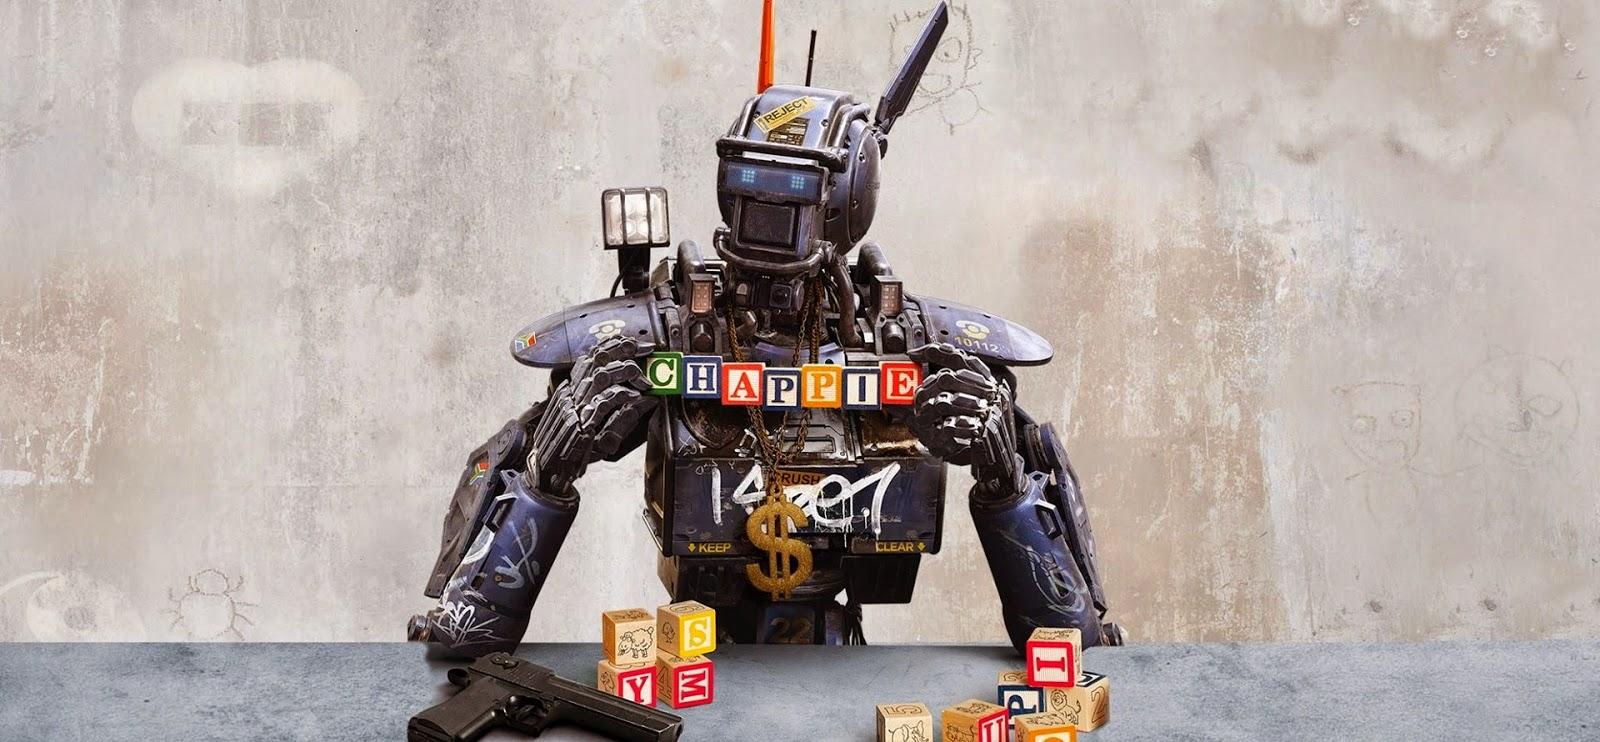 Segundo trailer legendado da ficção CHAPPIE apresenta polícia robótica e Hugh Jackman em ação